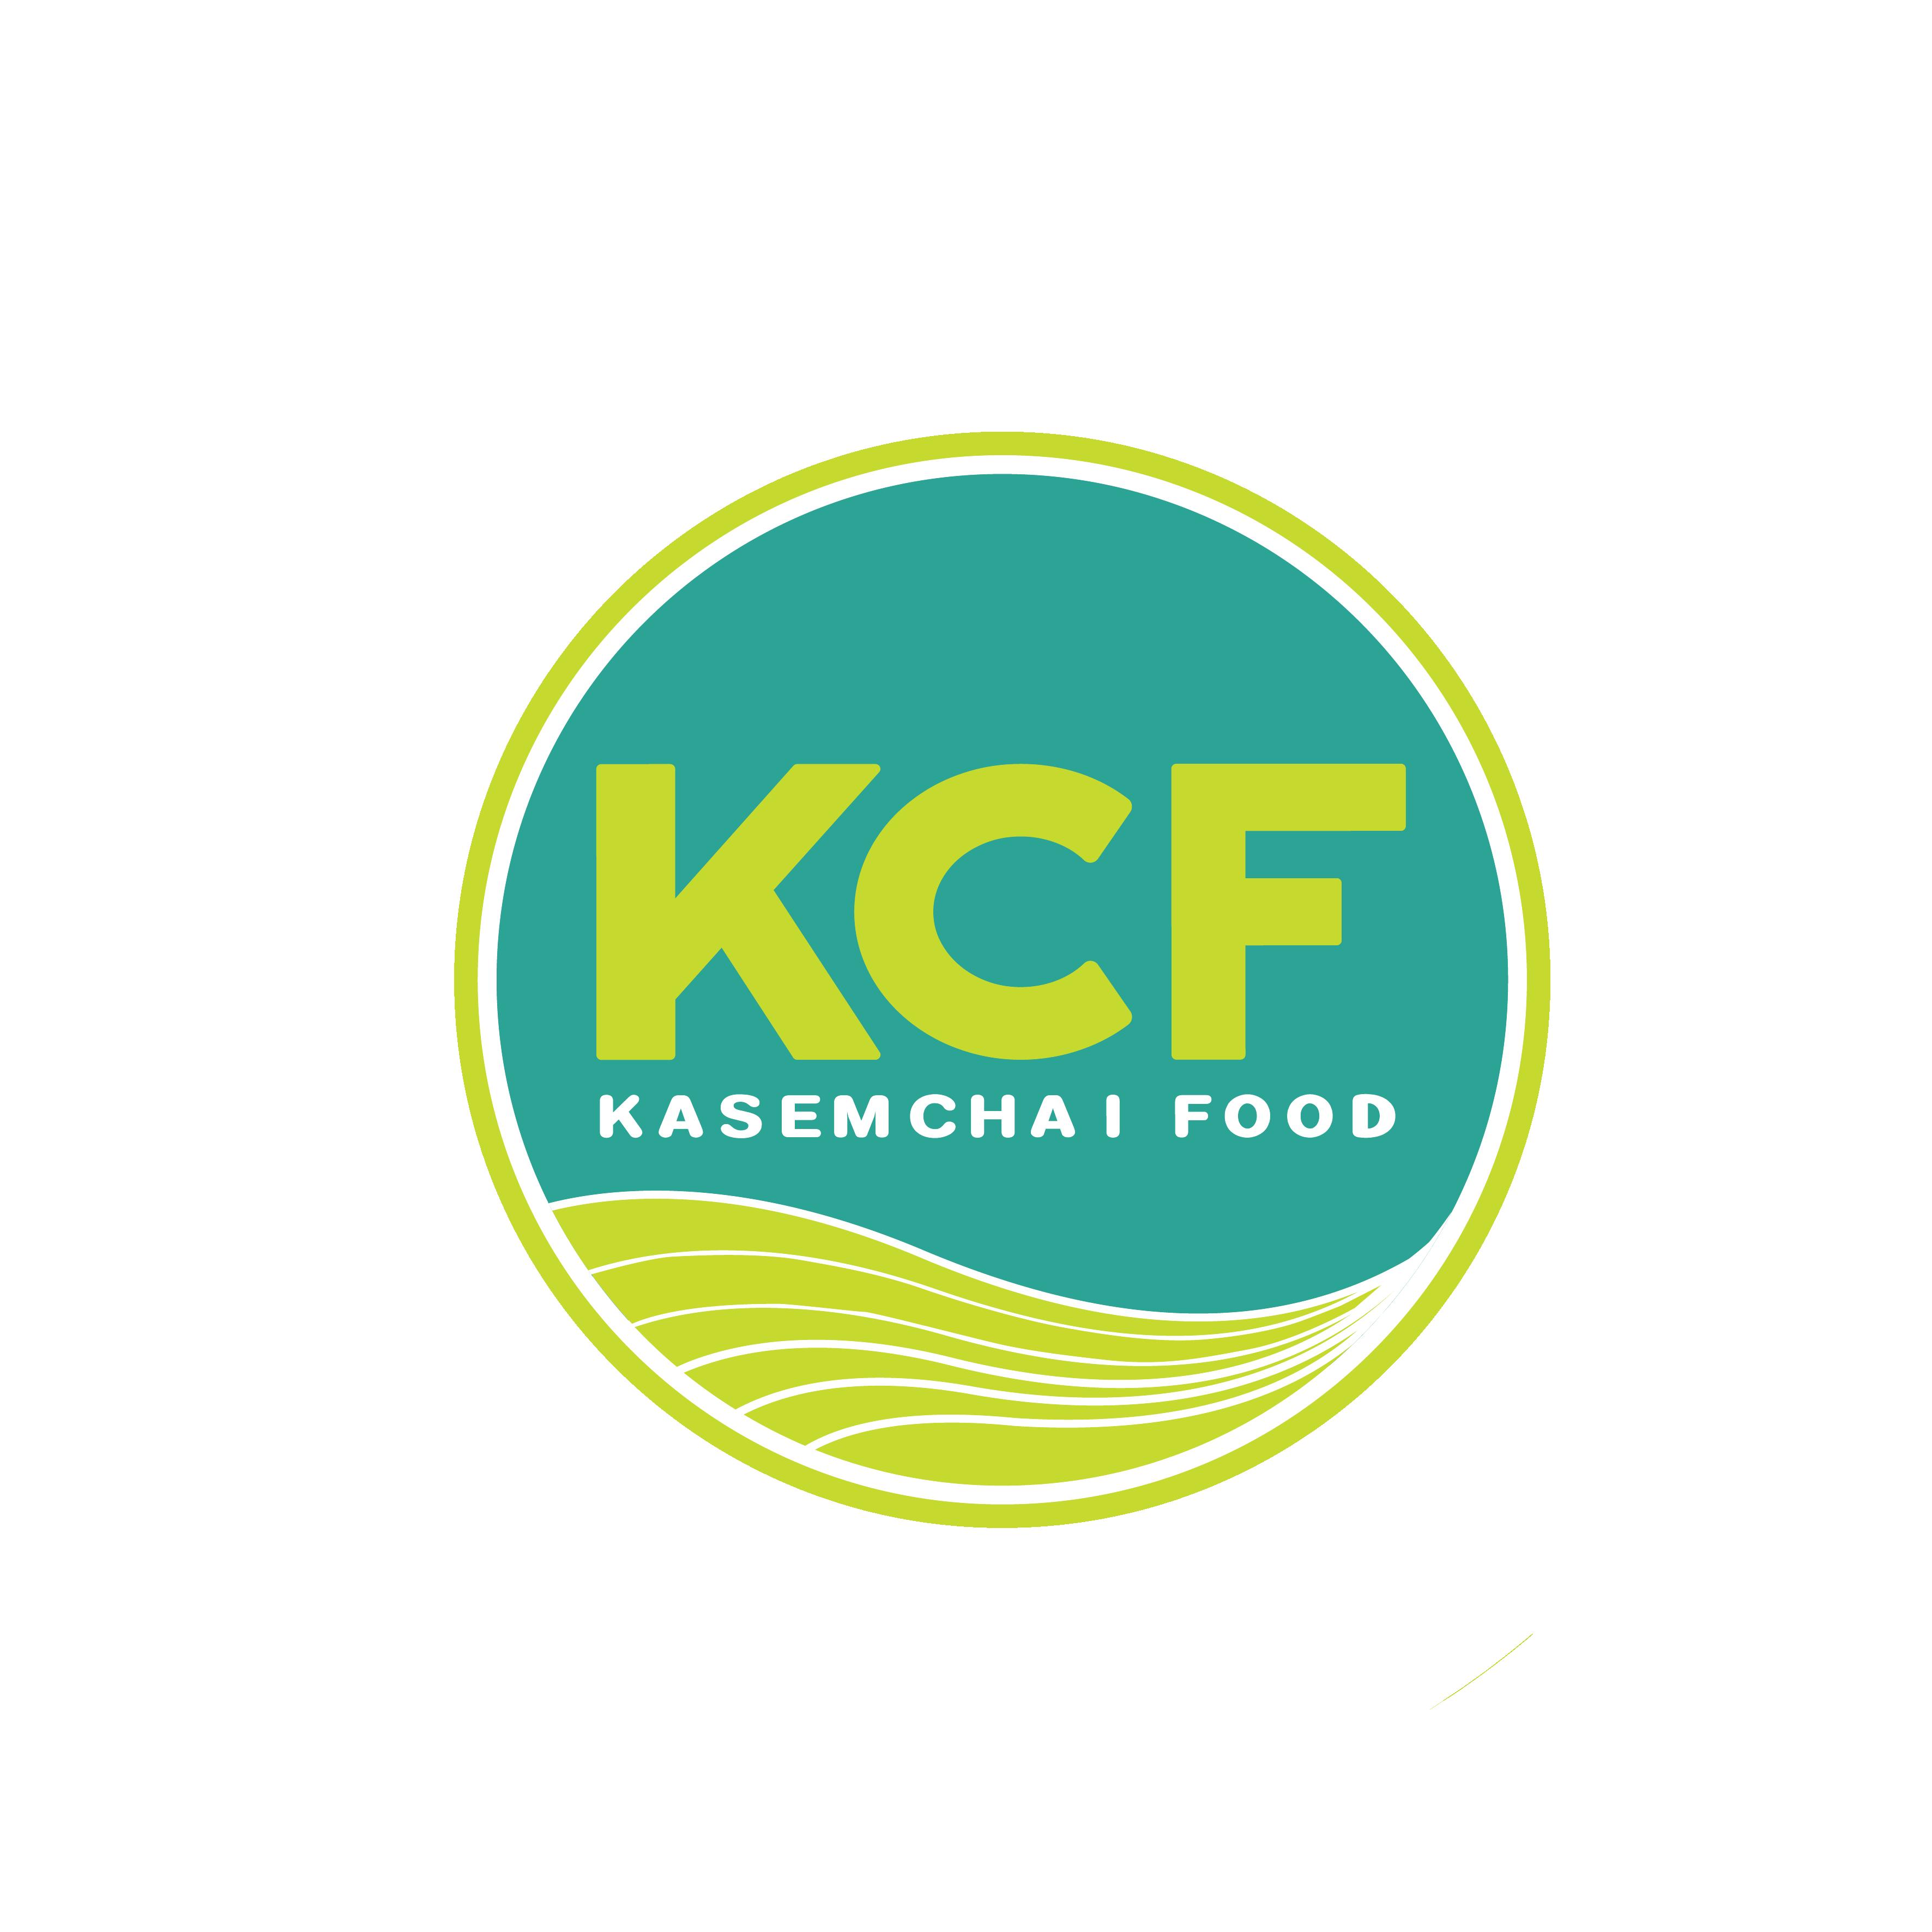 Logo kcf 30x30 cm-1-01